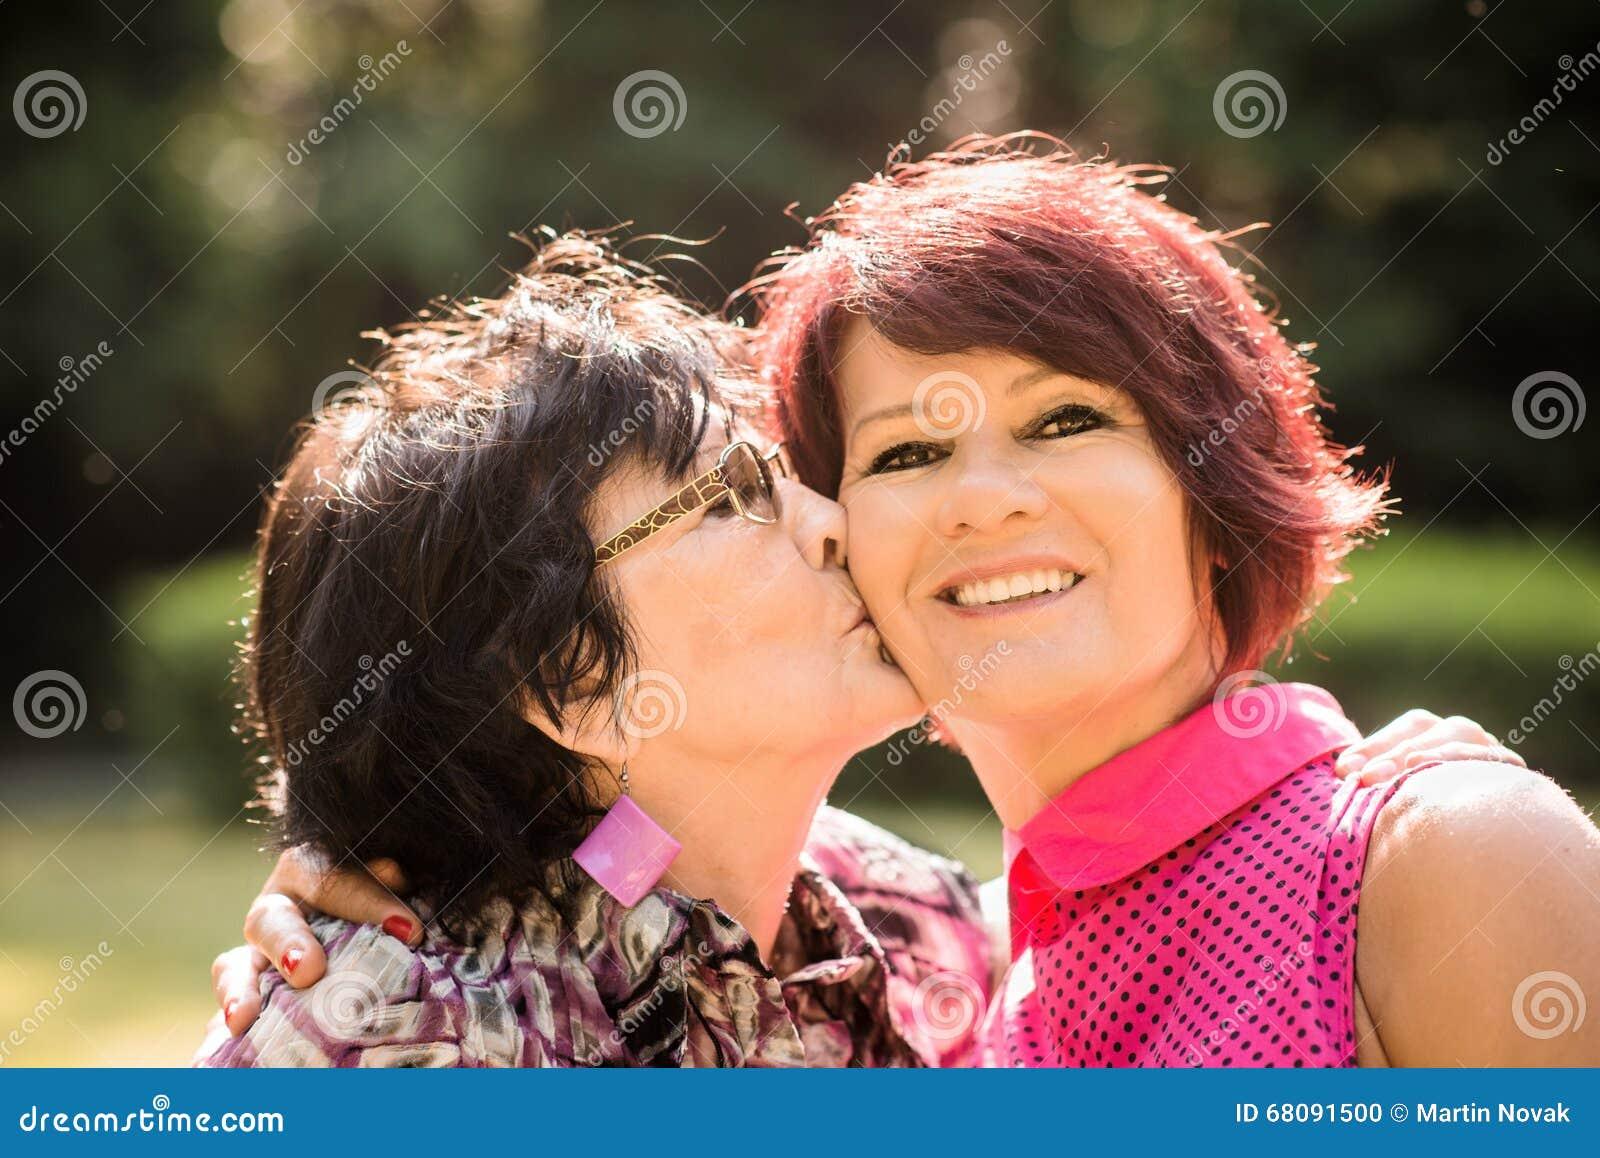 women kissing Mature women